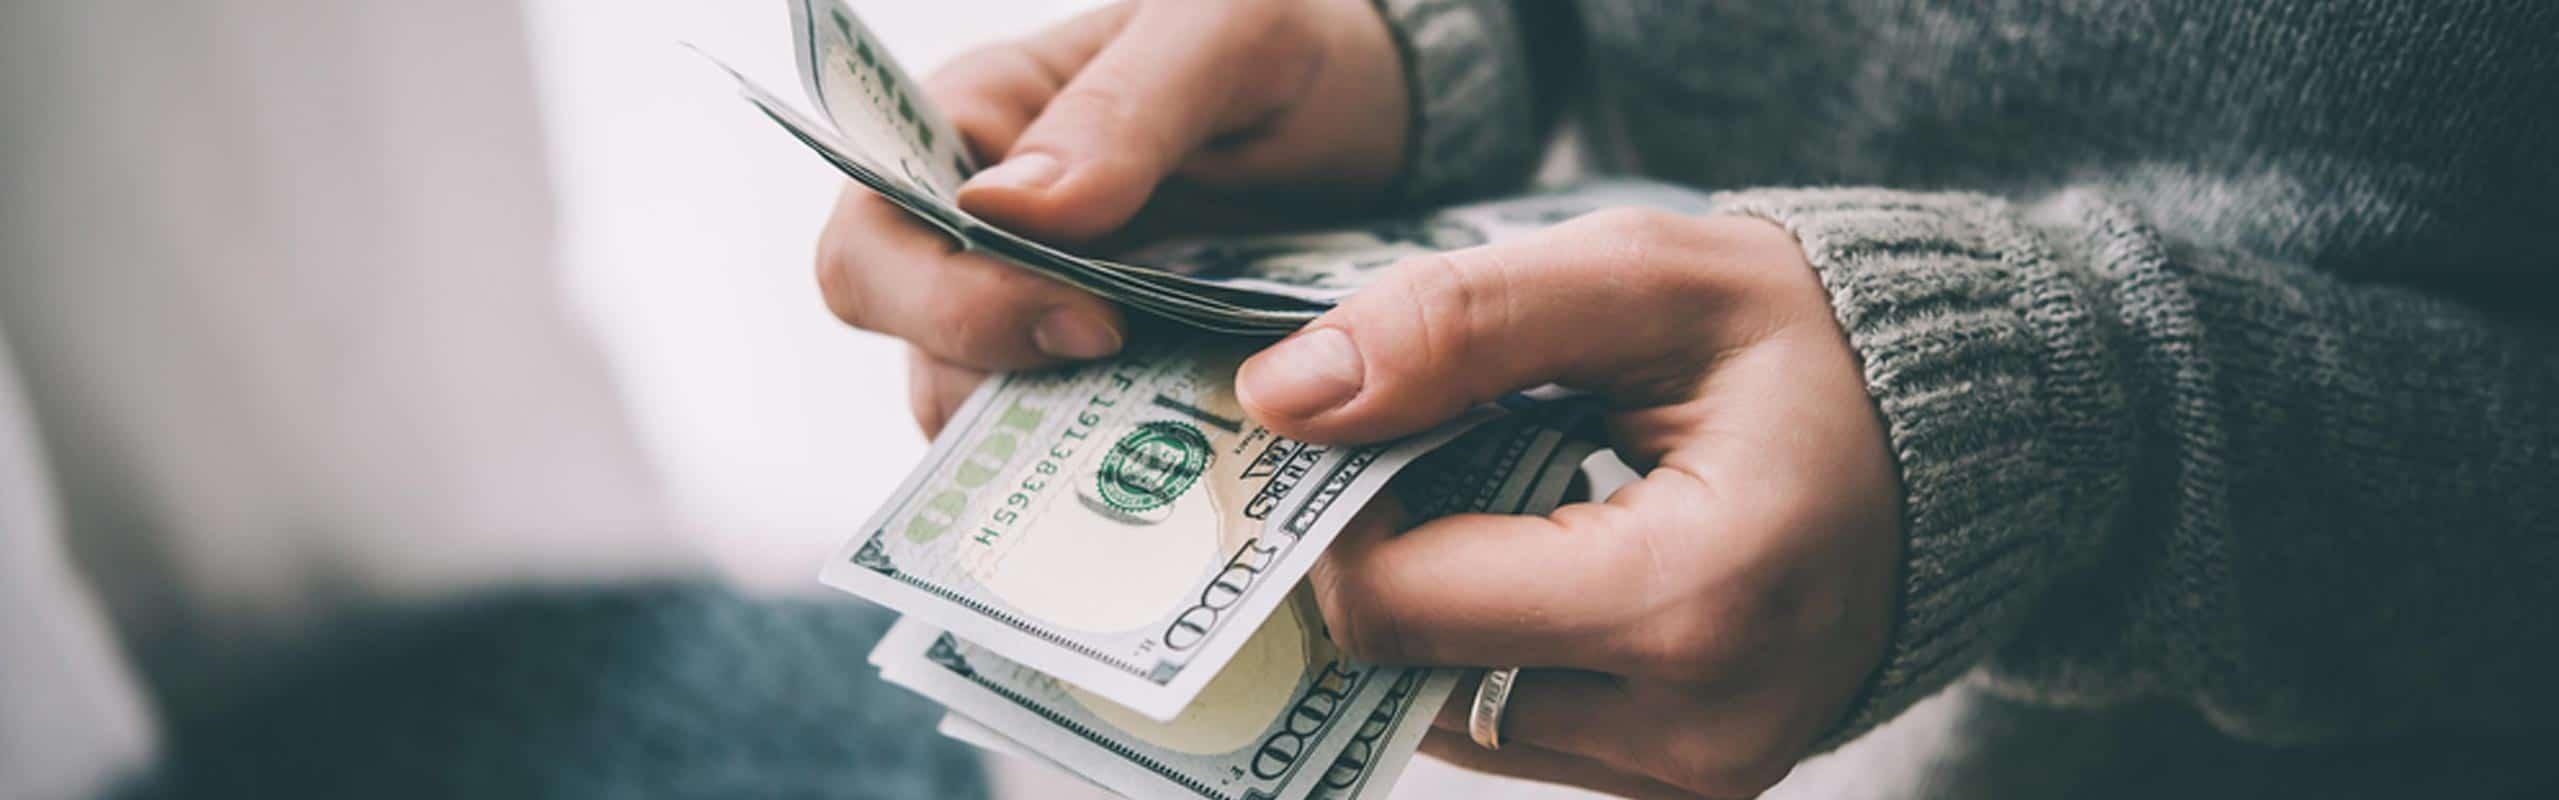 Descubre el blanqueo de capitales y las modalidades que existen